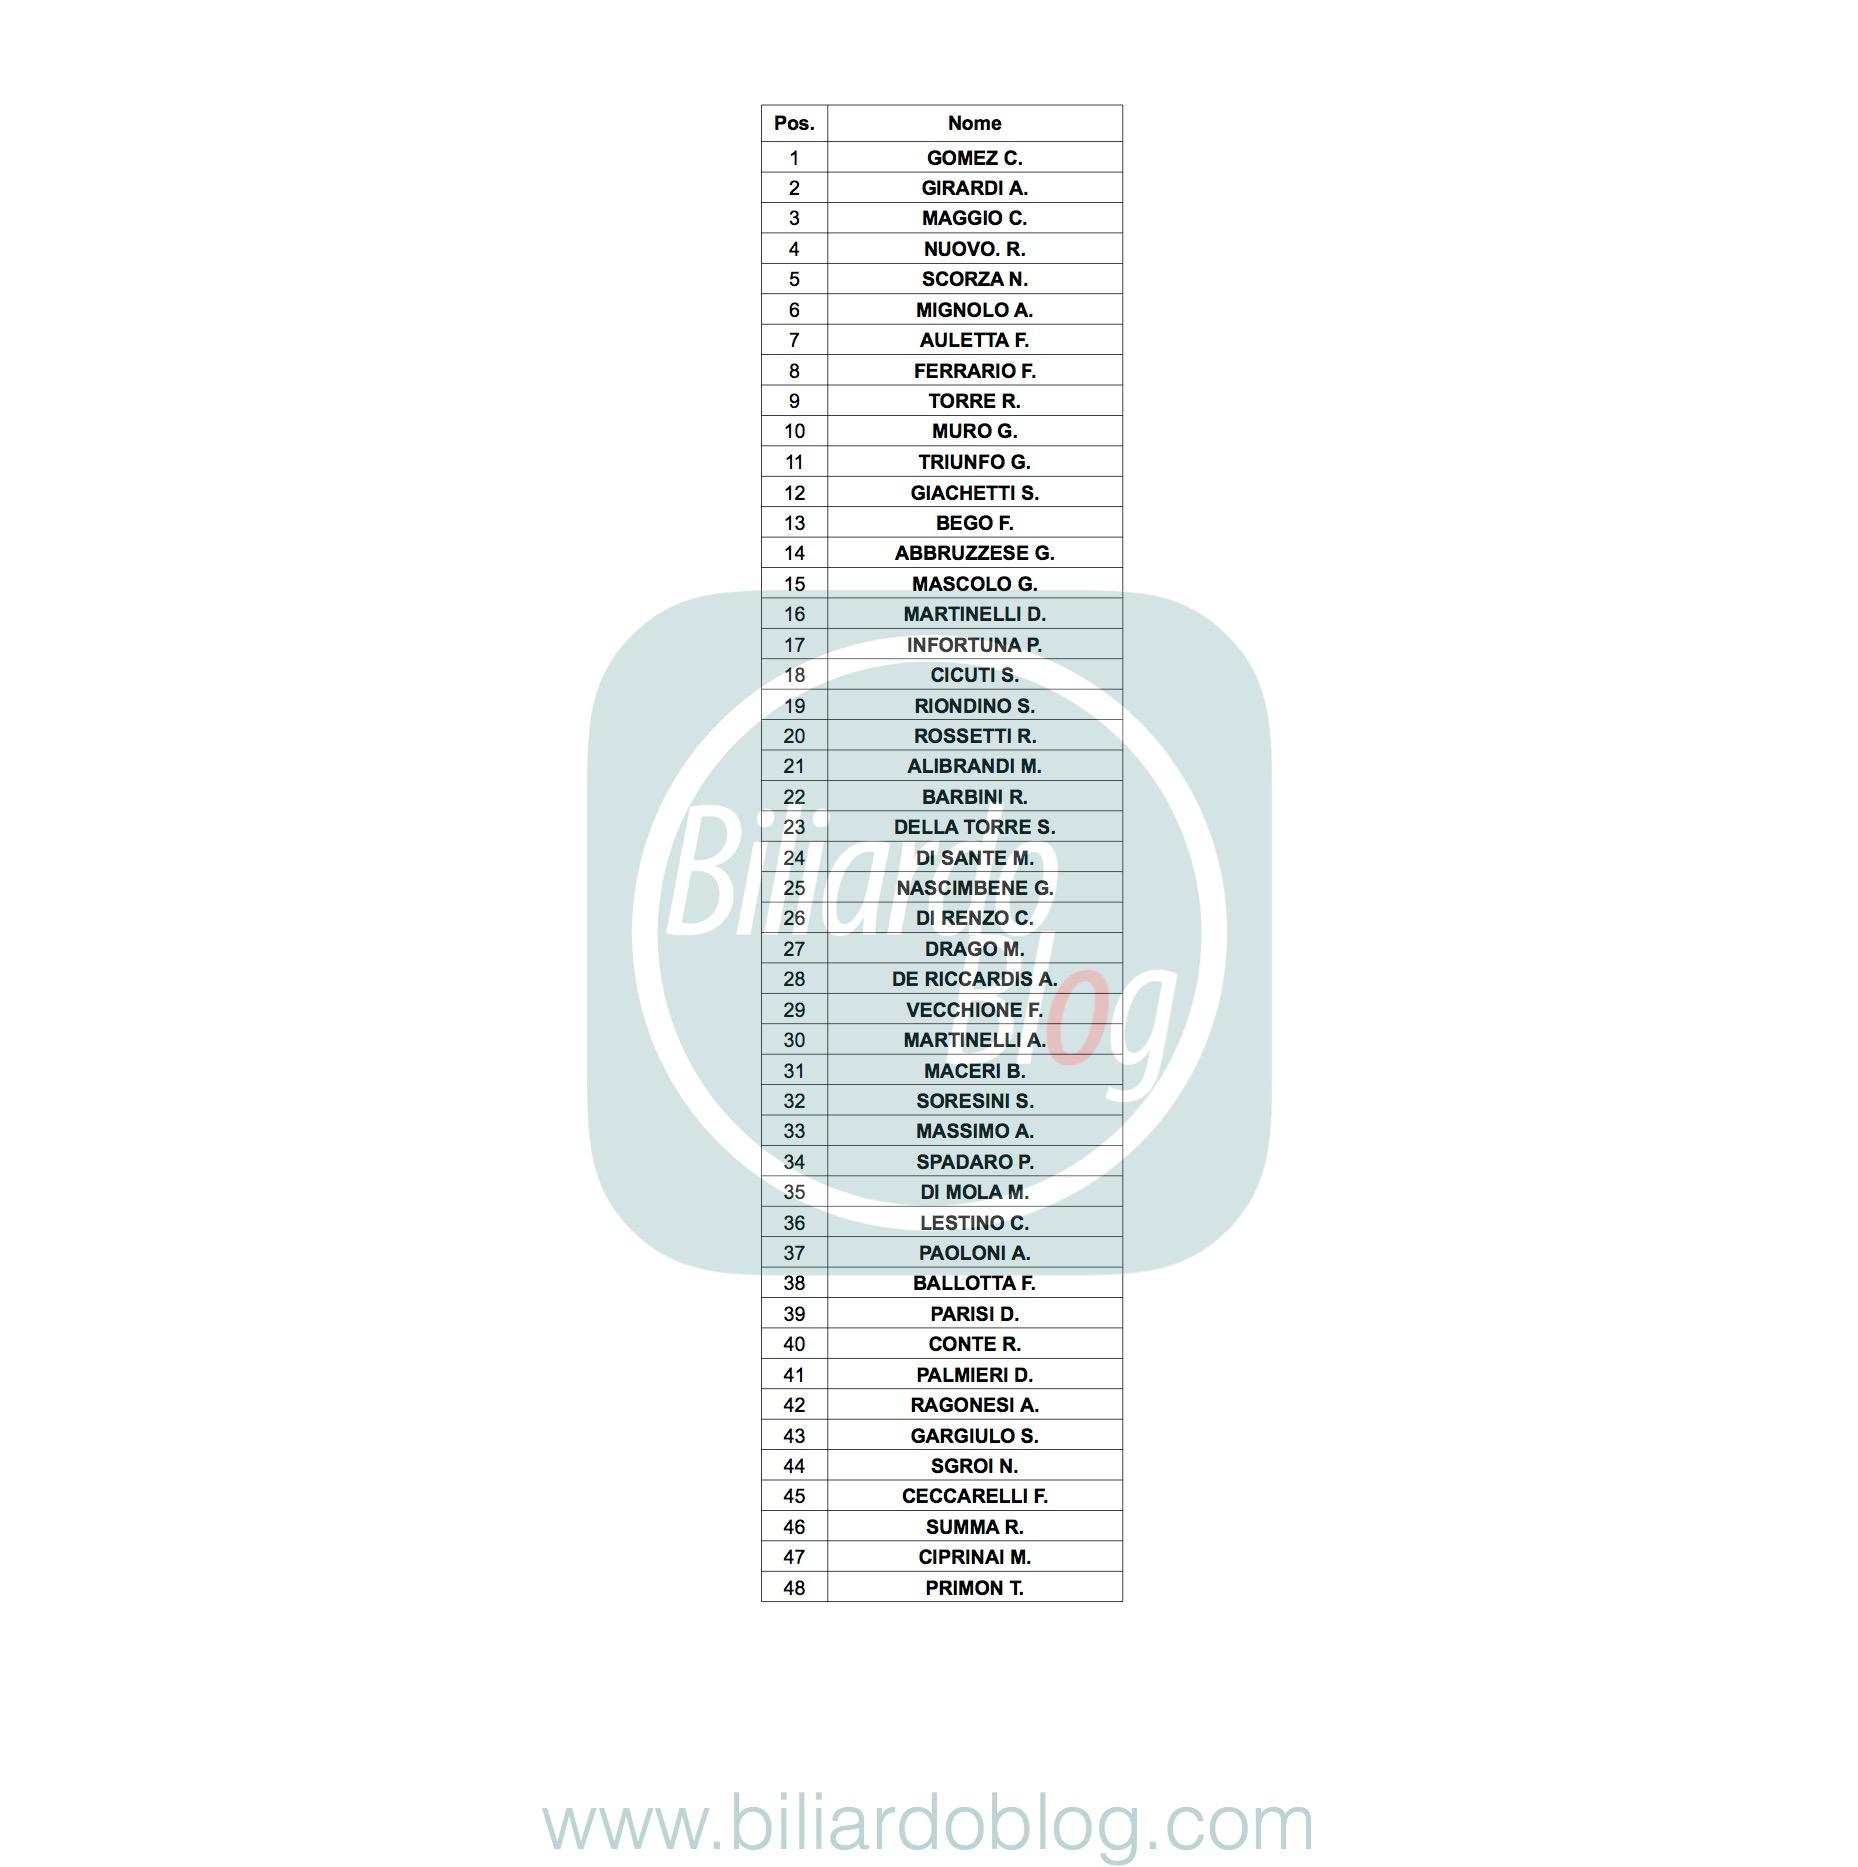 Prima Tappa FIBiS OPEN PRO 2018: Lista nazionali